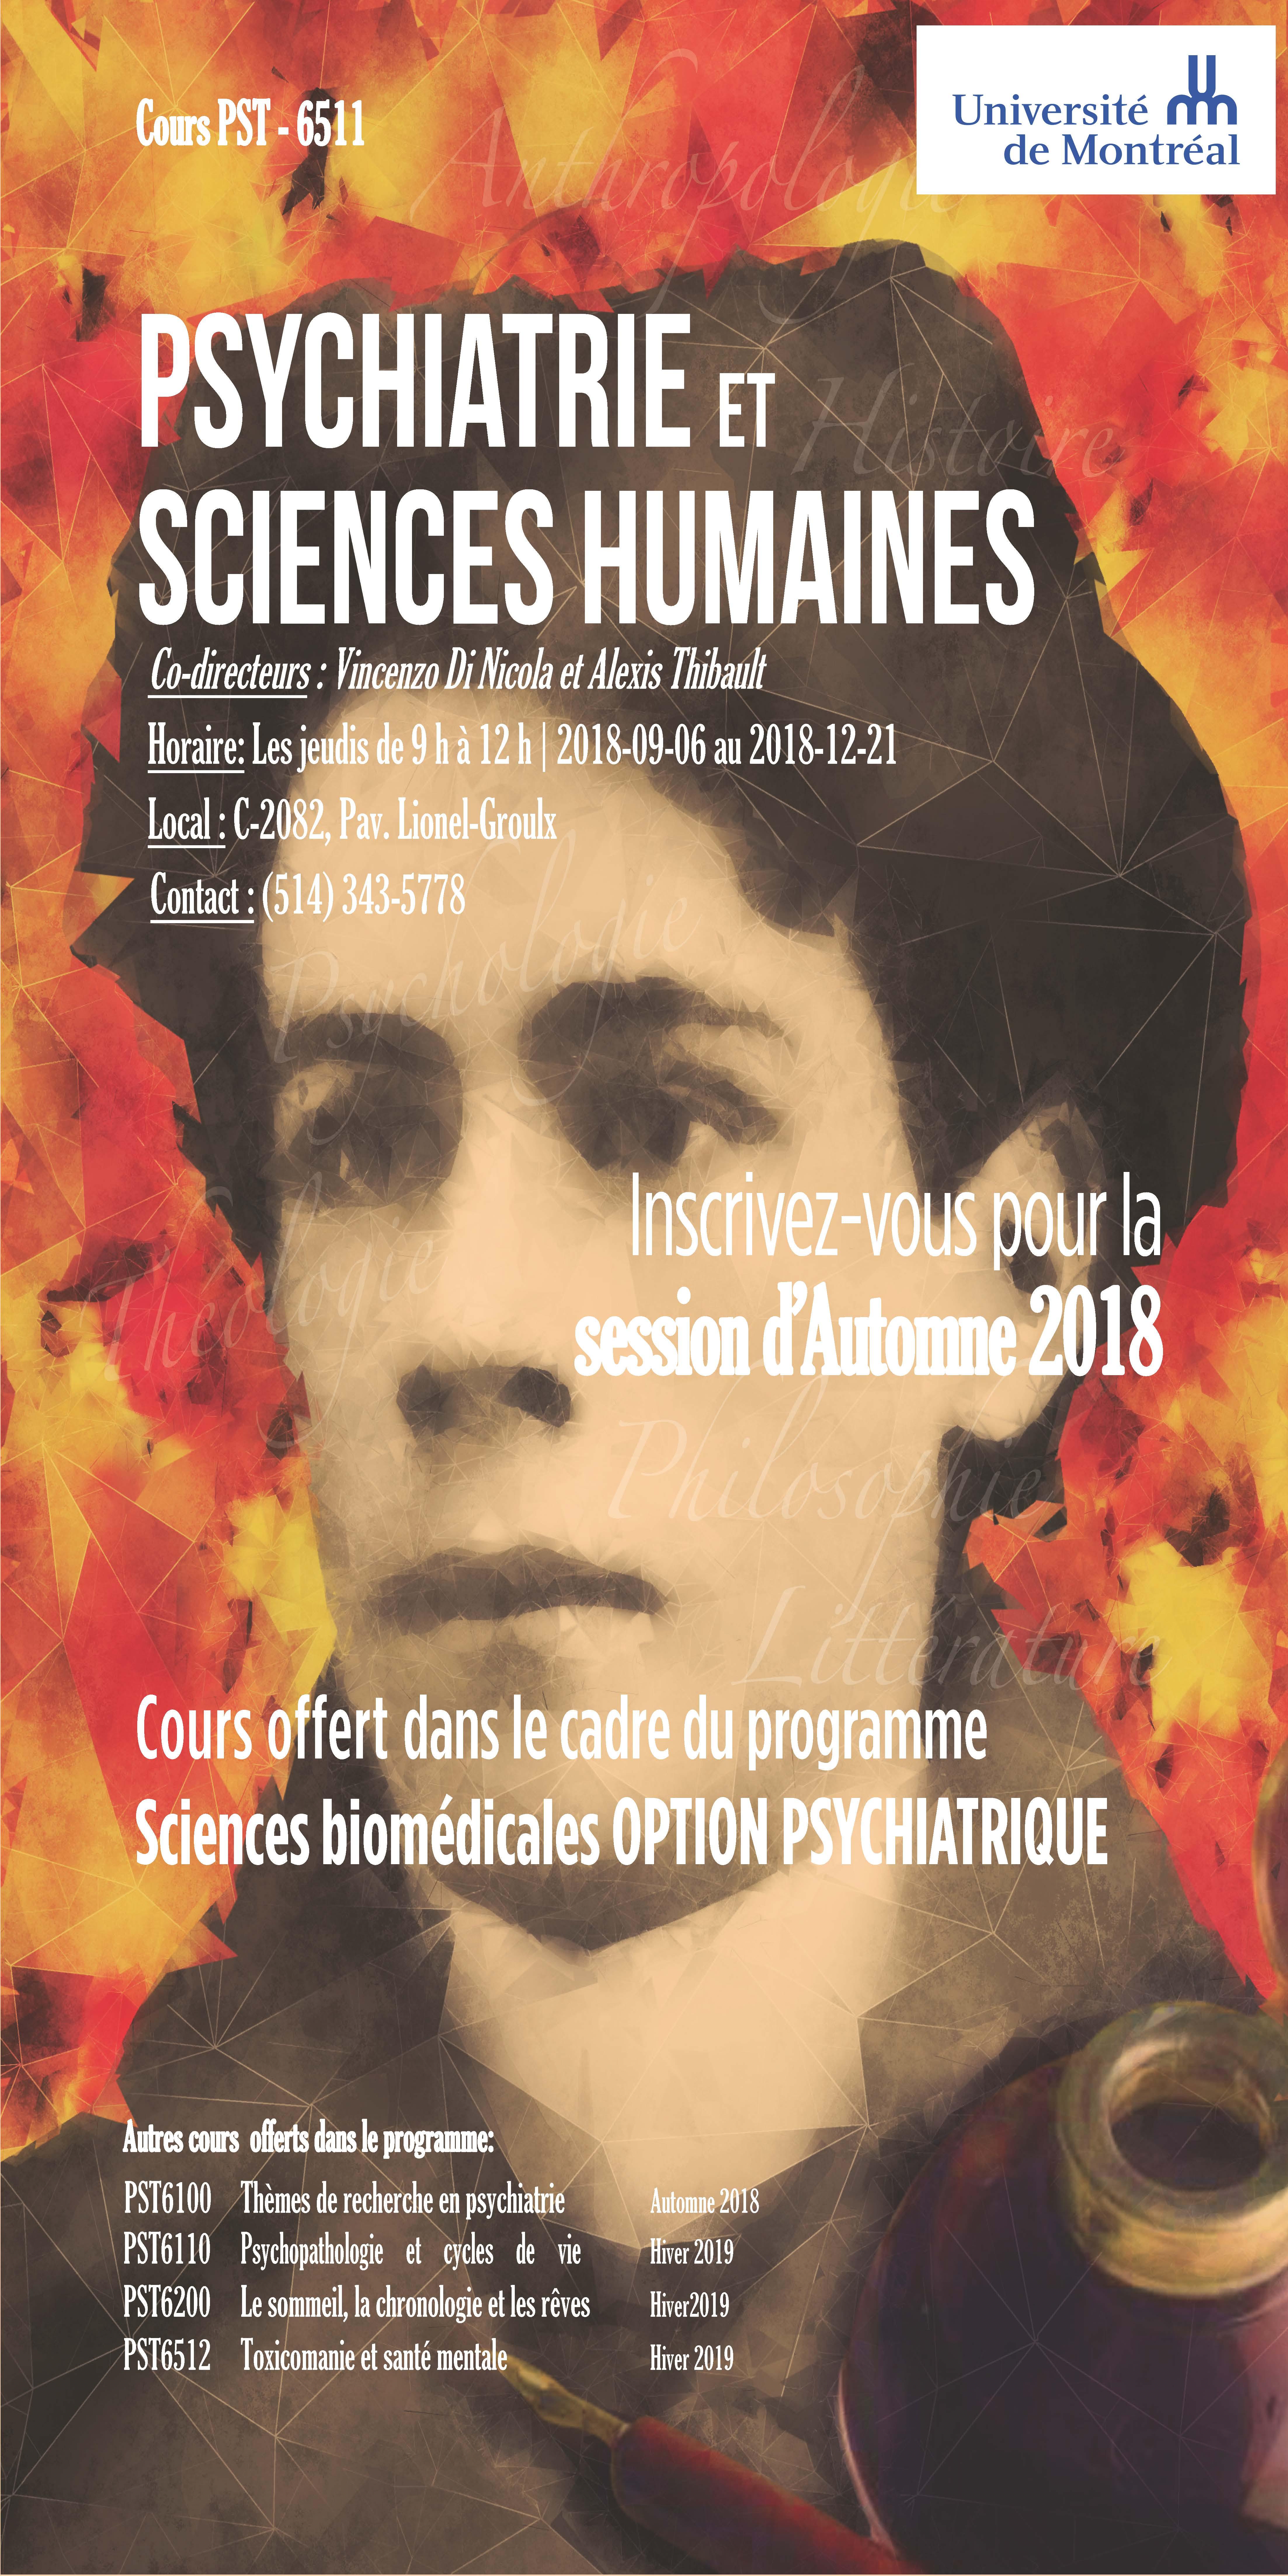 Affiche pour le cours siglé PST6511 UdeM - Vincenzo Di Nicola